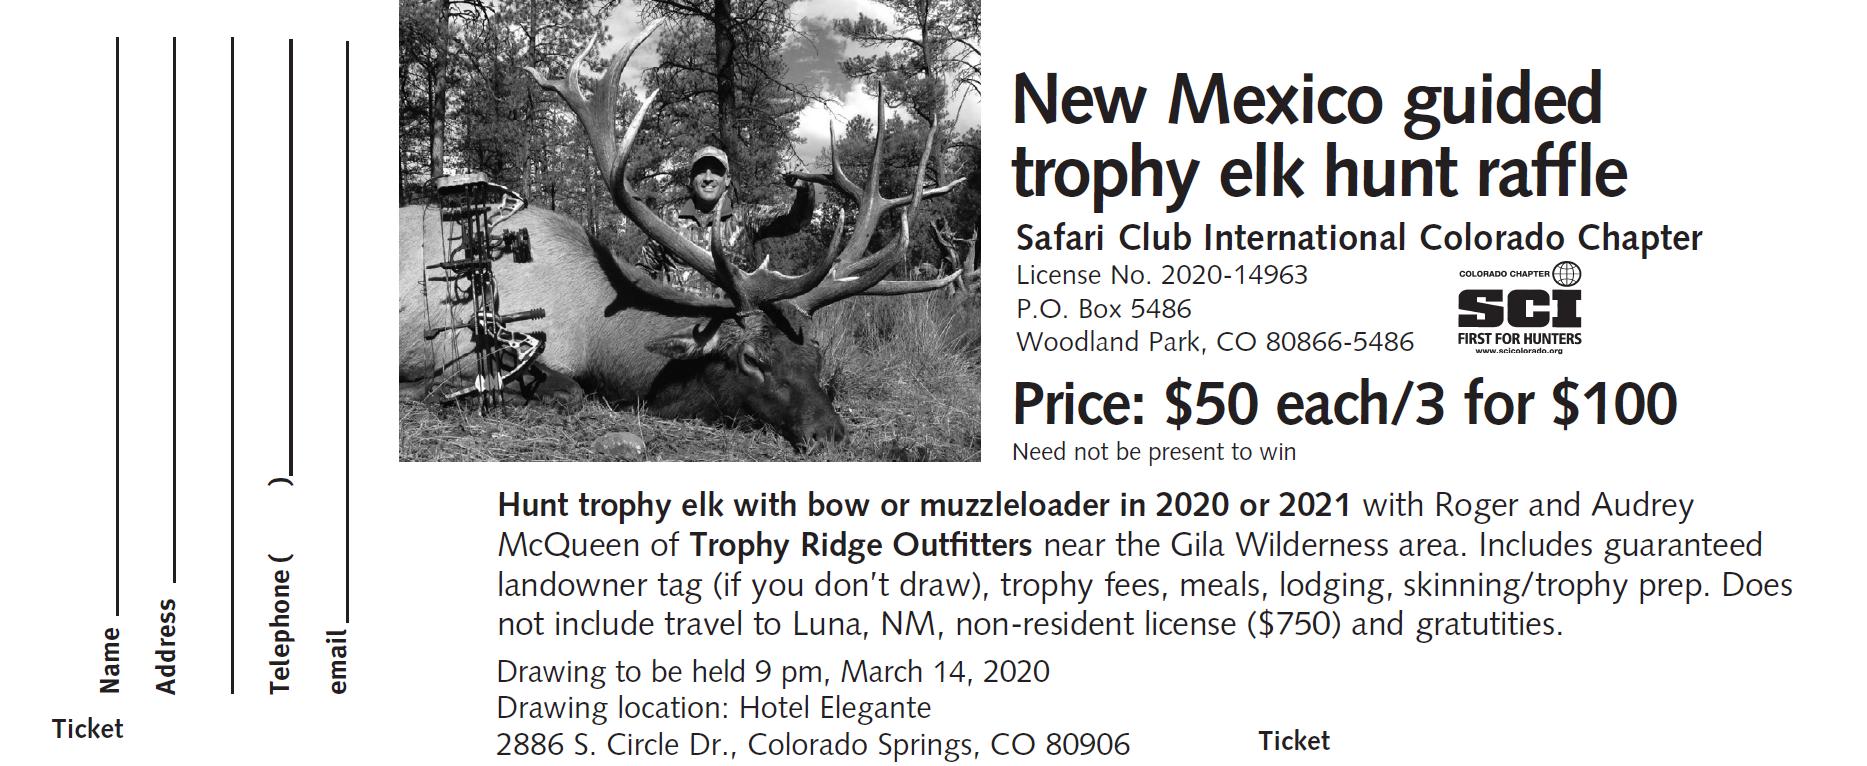 Elk Hunt in New Mexico - 1 Ticket